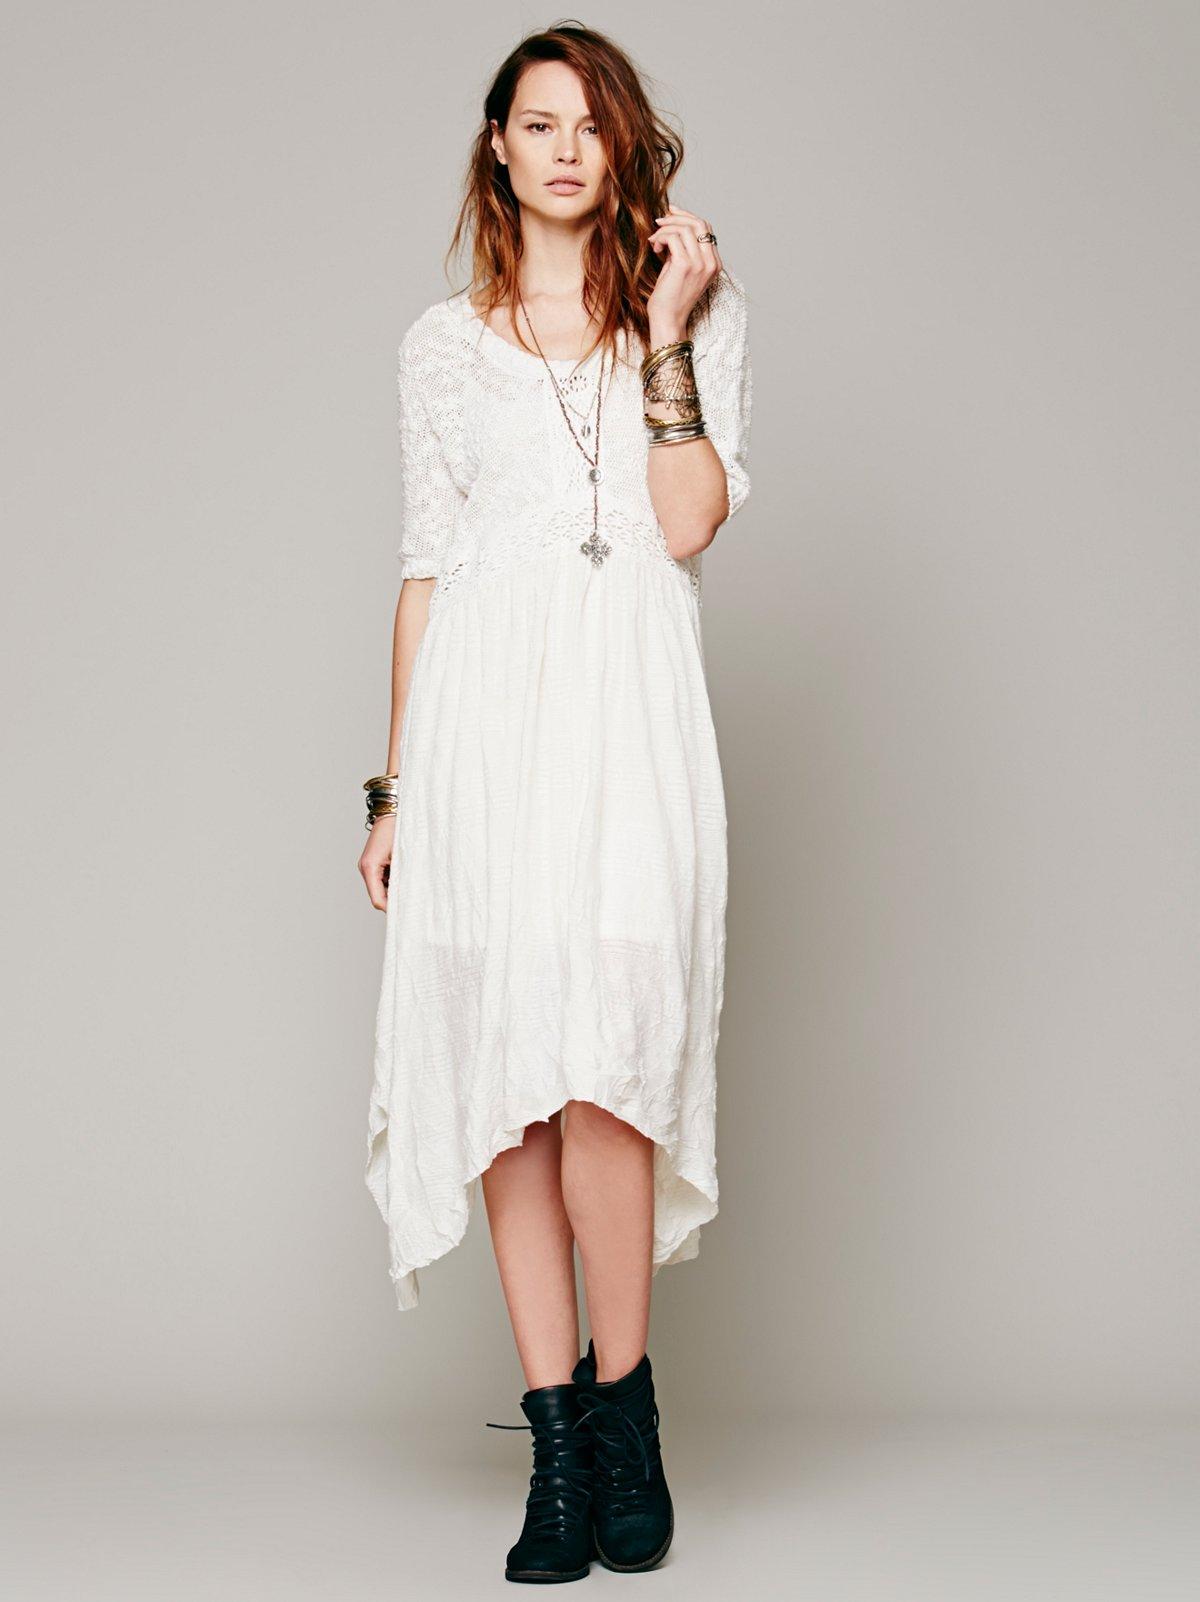 FP X Homespun Beauty Dress